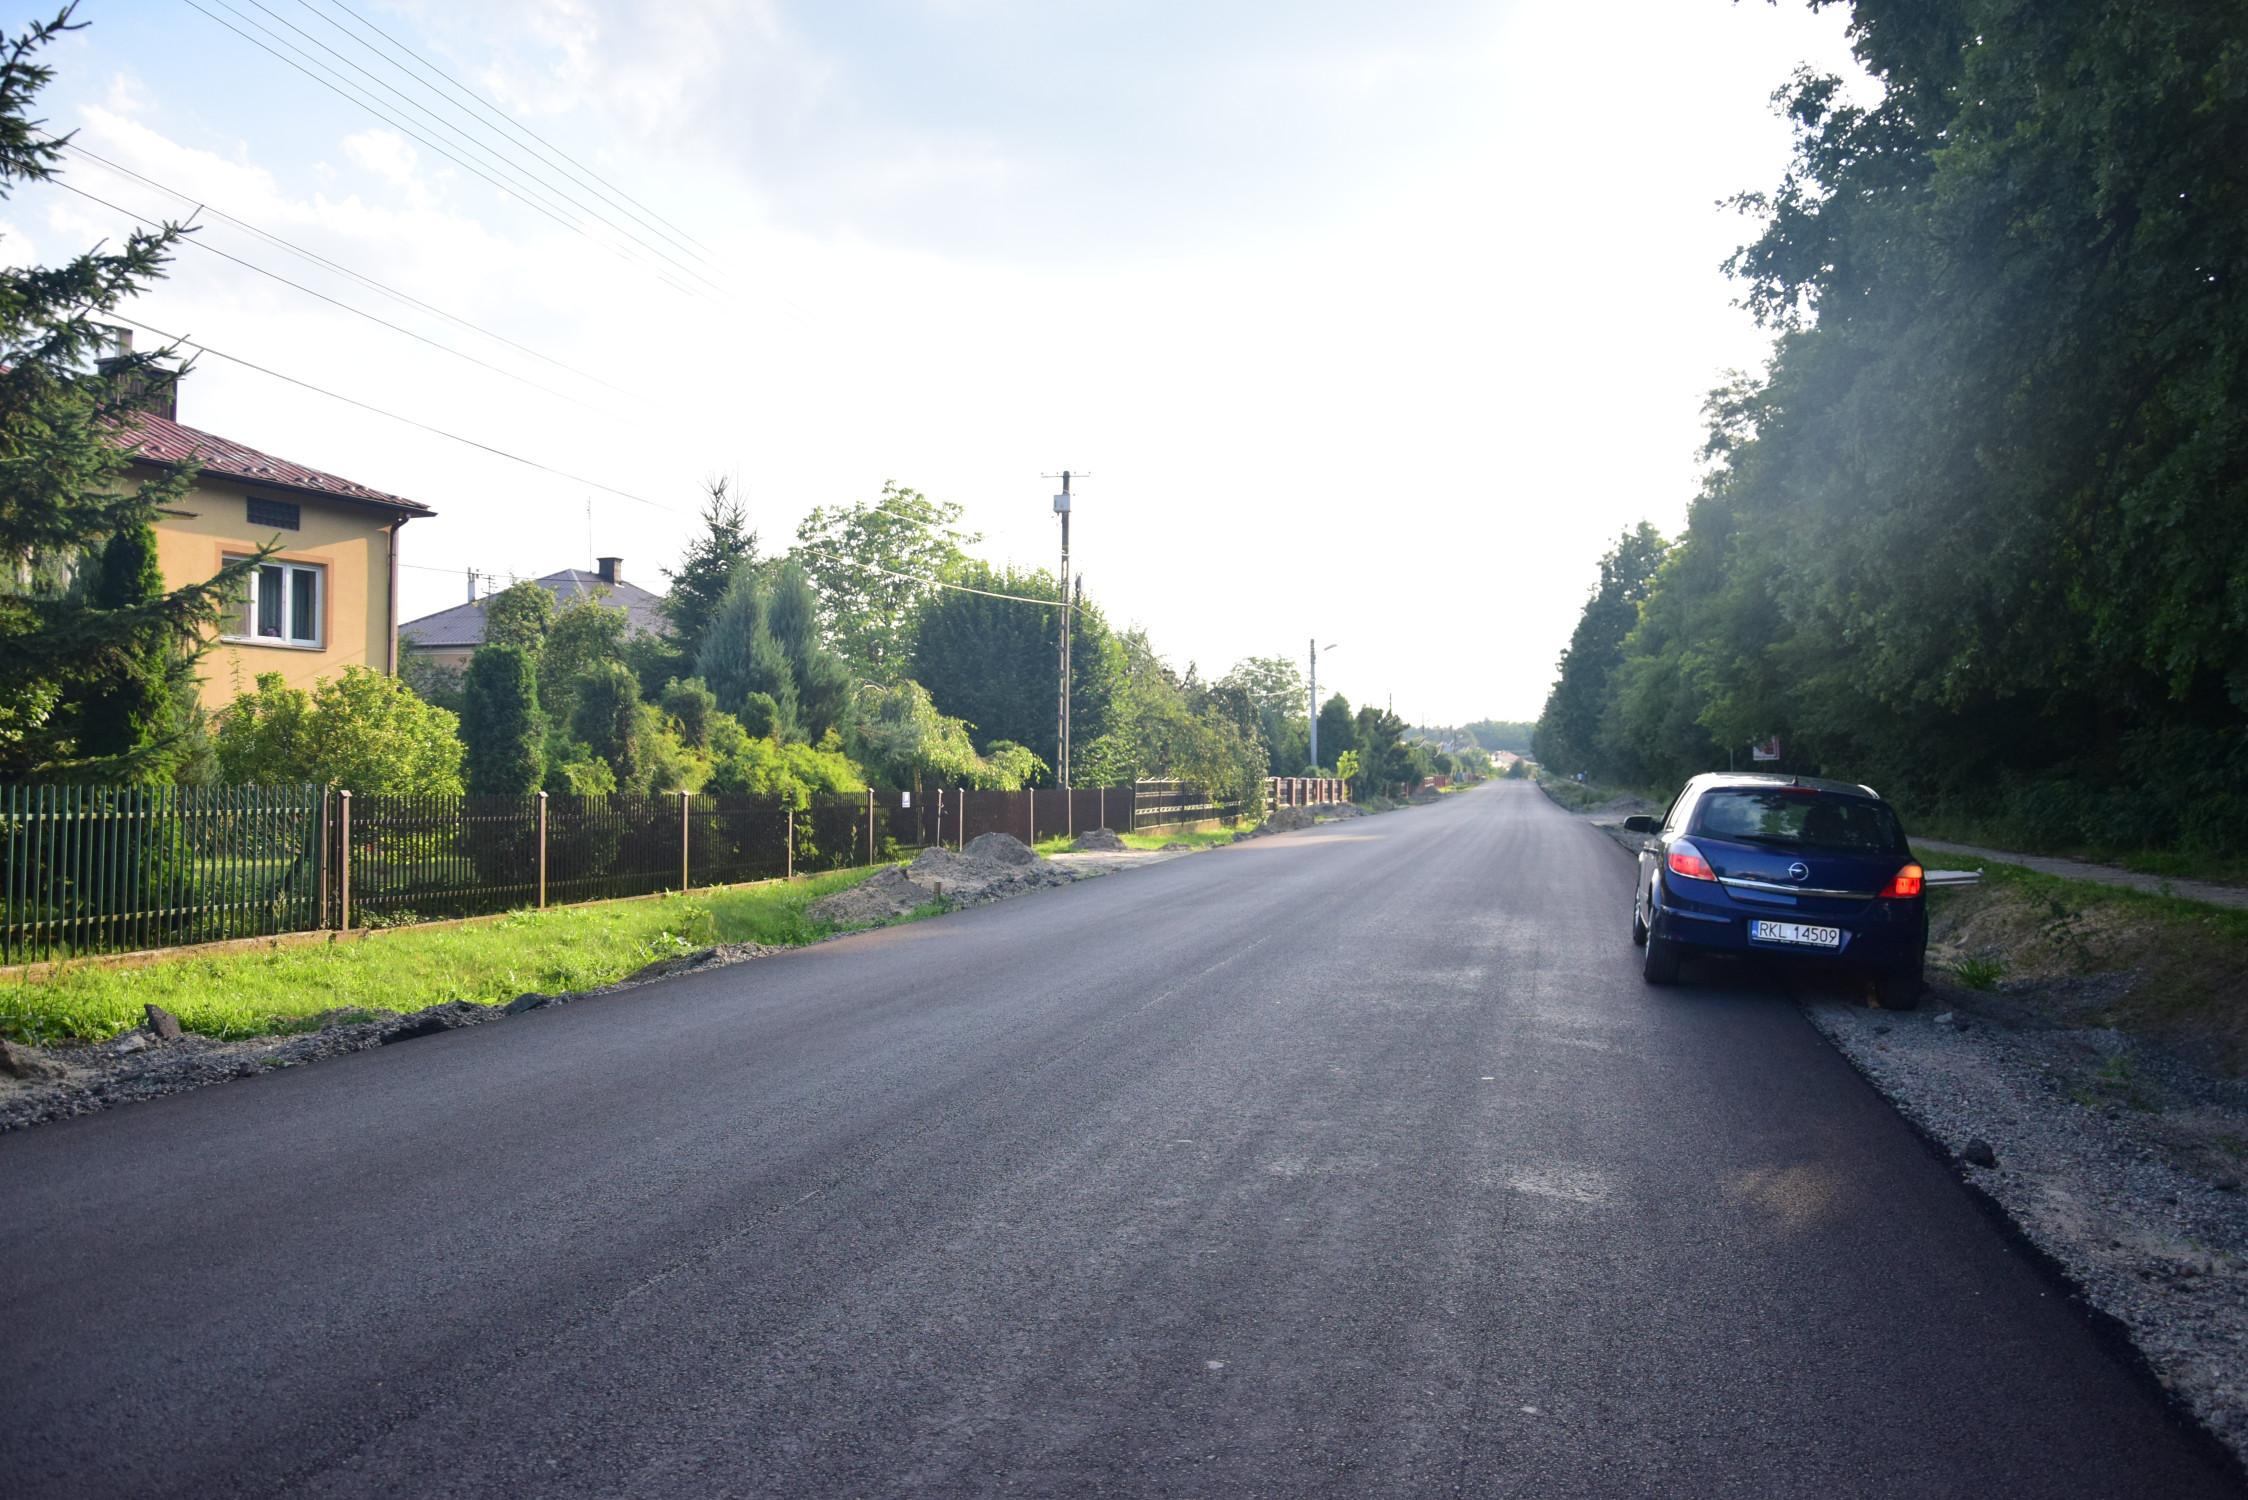 Gmina Raniżów. Gminni radni żalą się do marszałka. Mają uwagi do trwającego remontu odcinka drogi wojewódzkiej, przebiegającego przez ich teren  - Zdjęcie główne